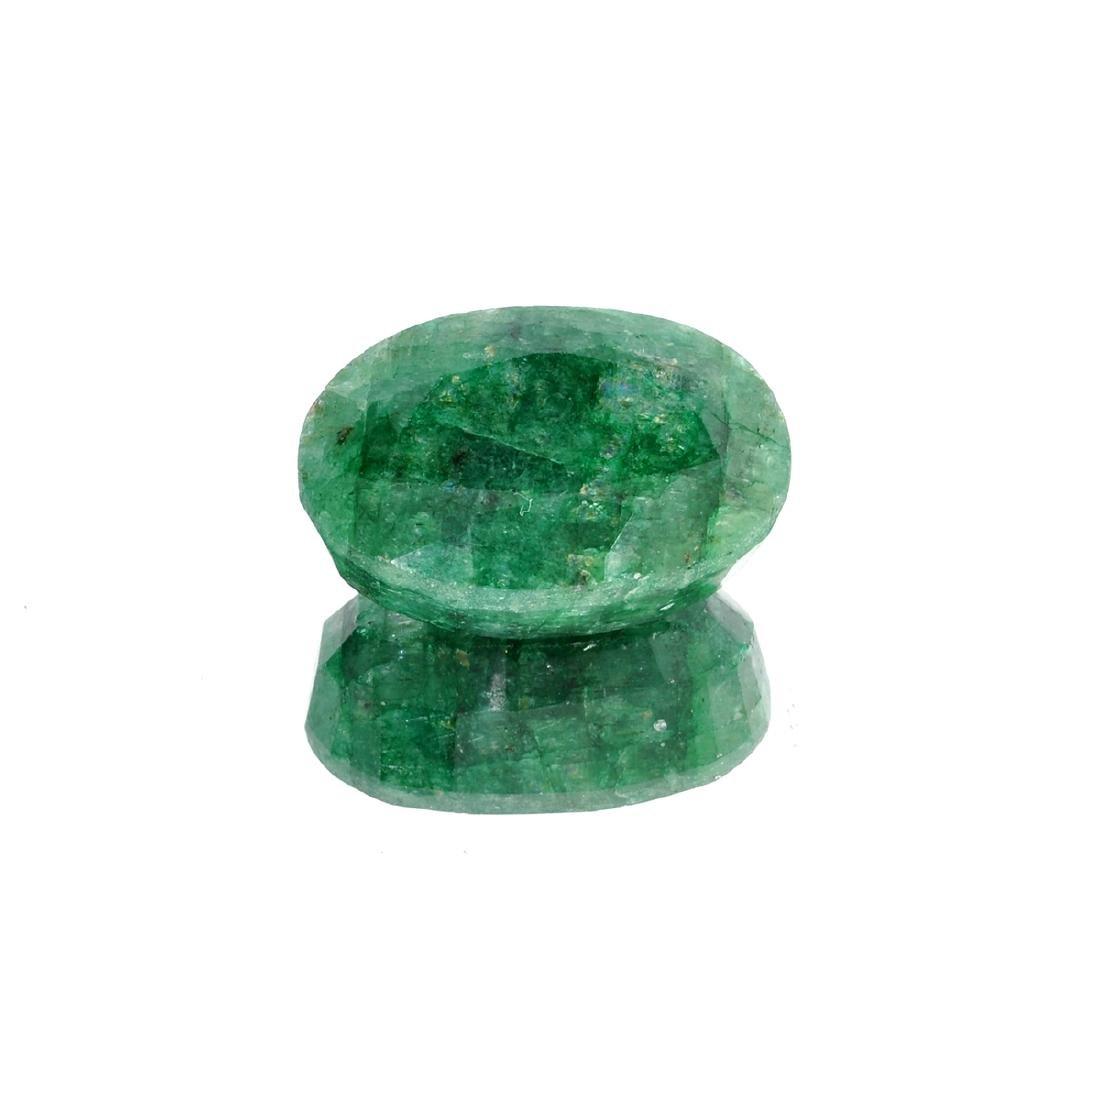 APP: 5k 66.76CT Oval Cut Green Emerald Gemstone